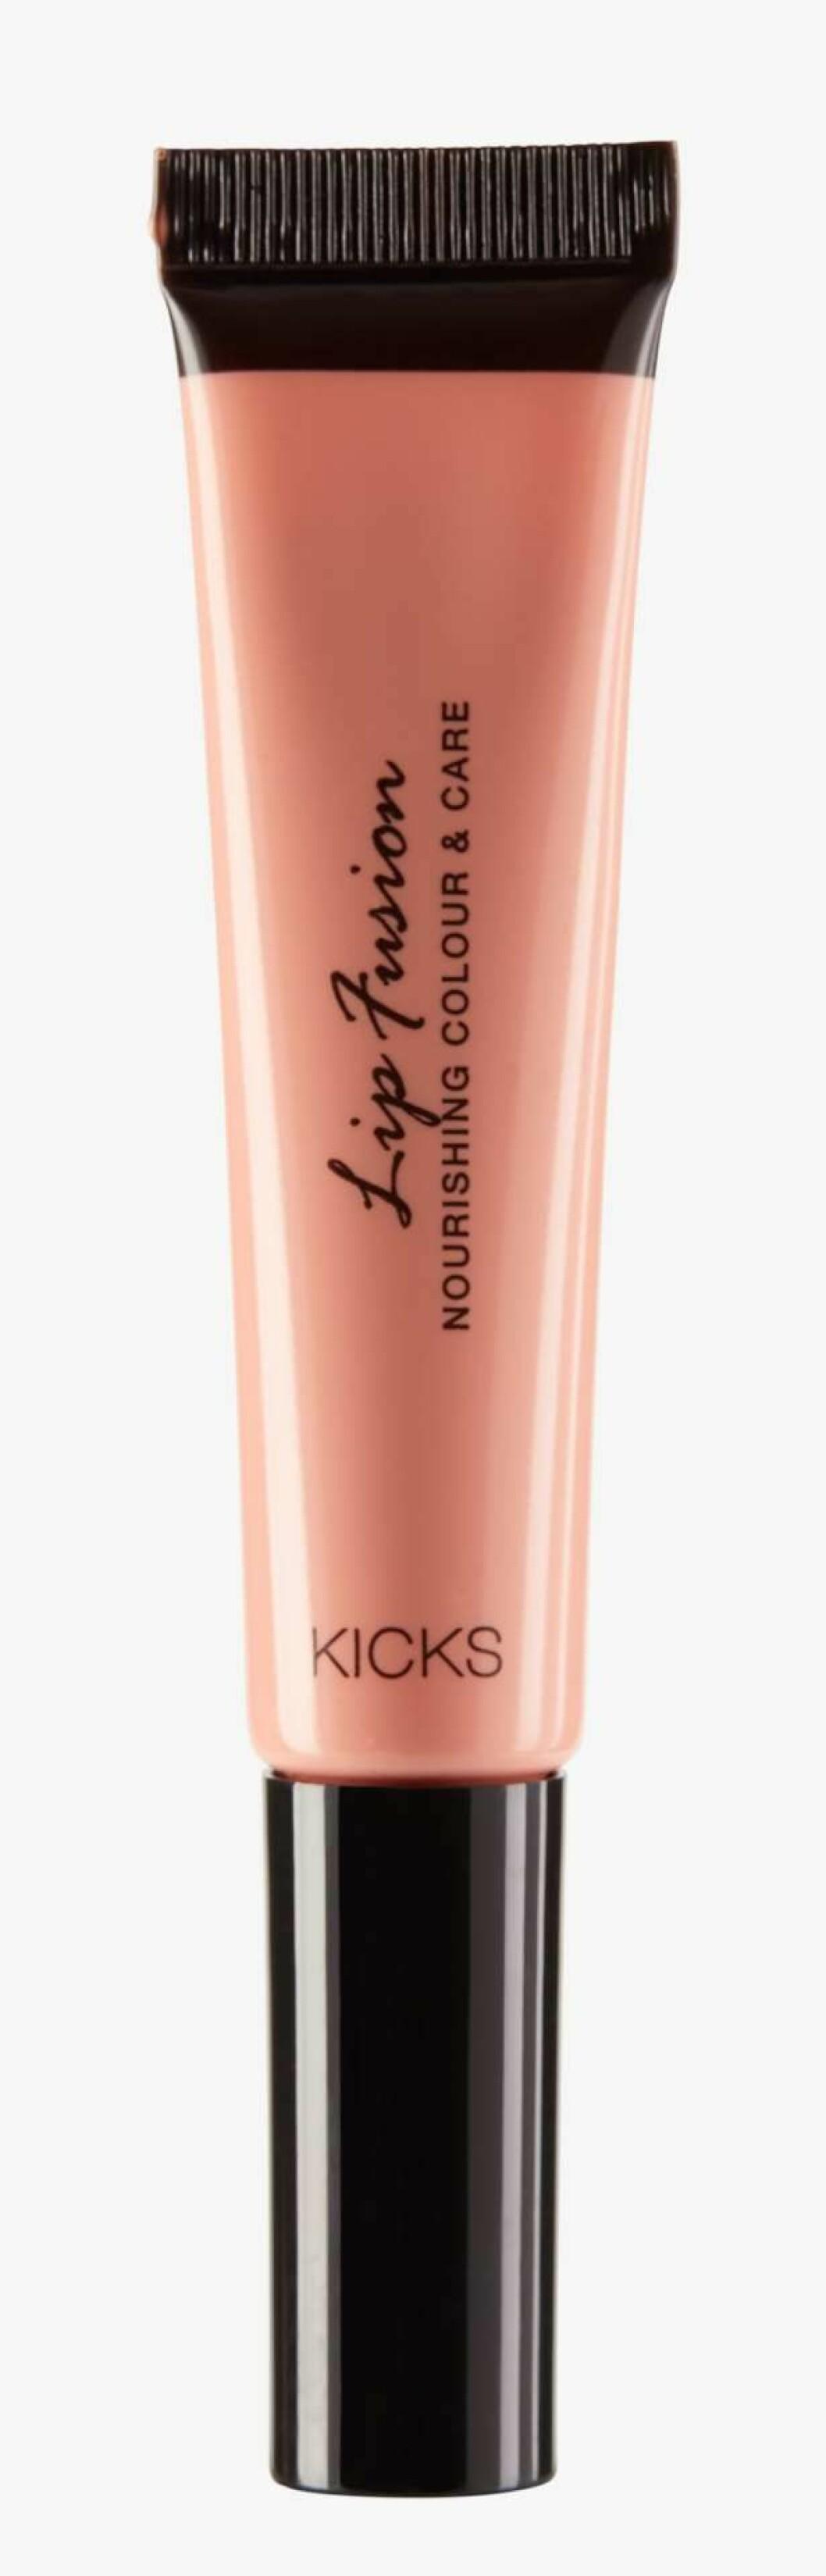 Läppstick från Kicks beauty.